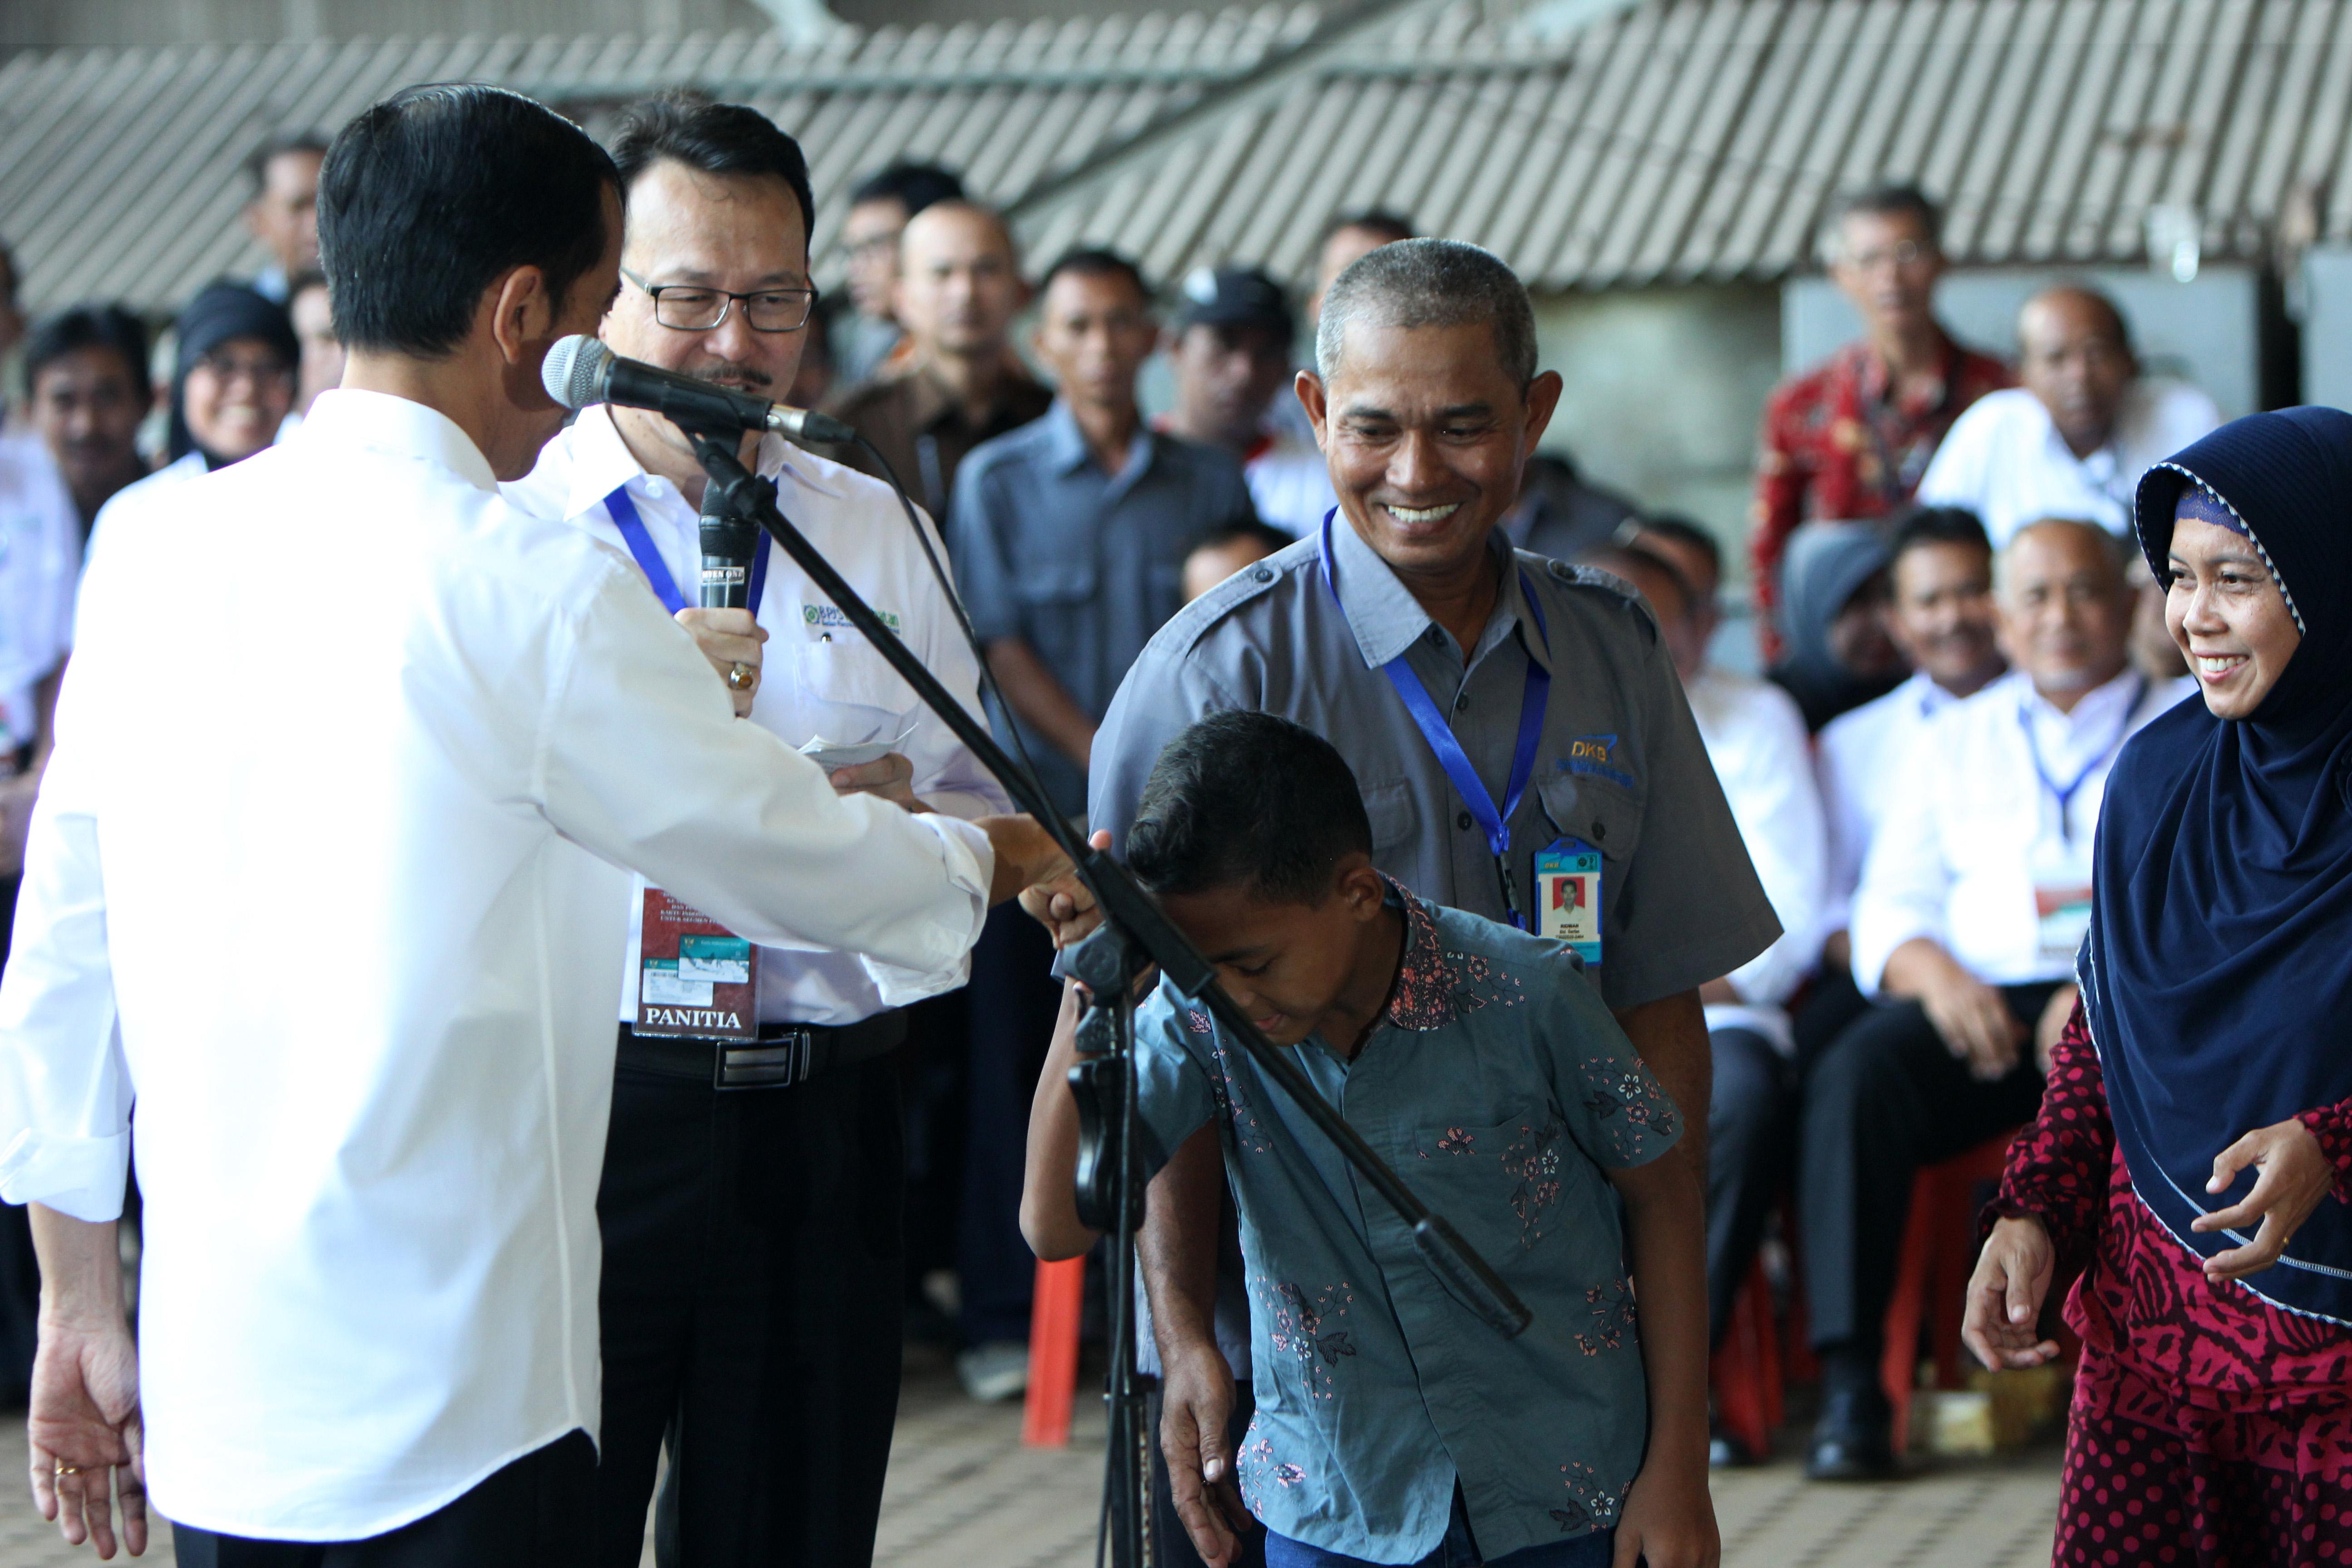 Presiden Jokowi saat membagikan Kartu Indonesia Sehat kepada Pekerja PT Dok dan Perkapalan Kodja Bahari Persero bersama keluargga penerima 28 April 2015